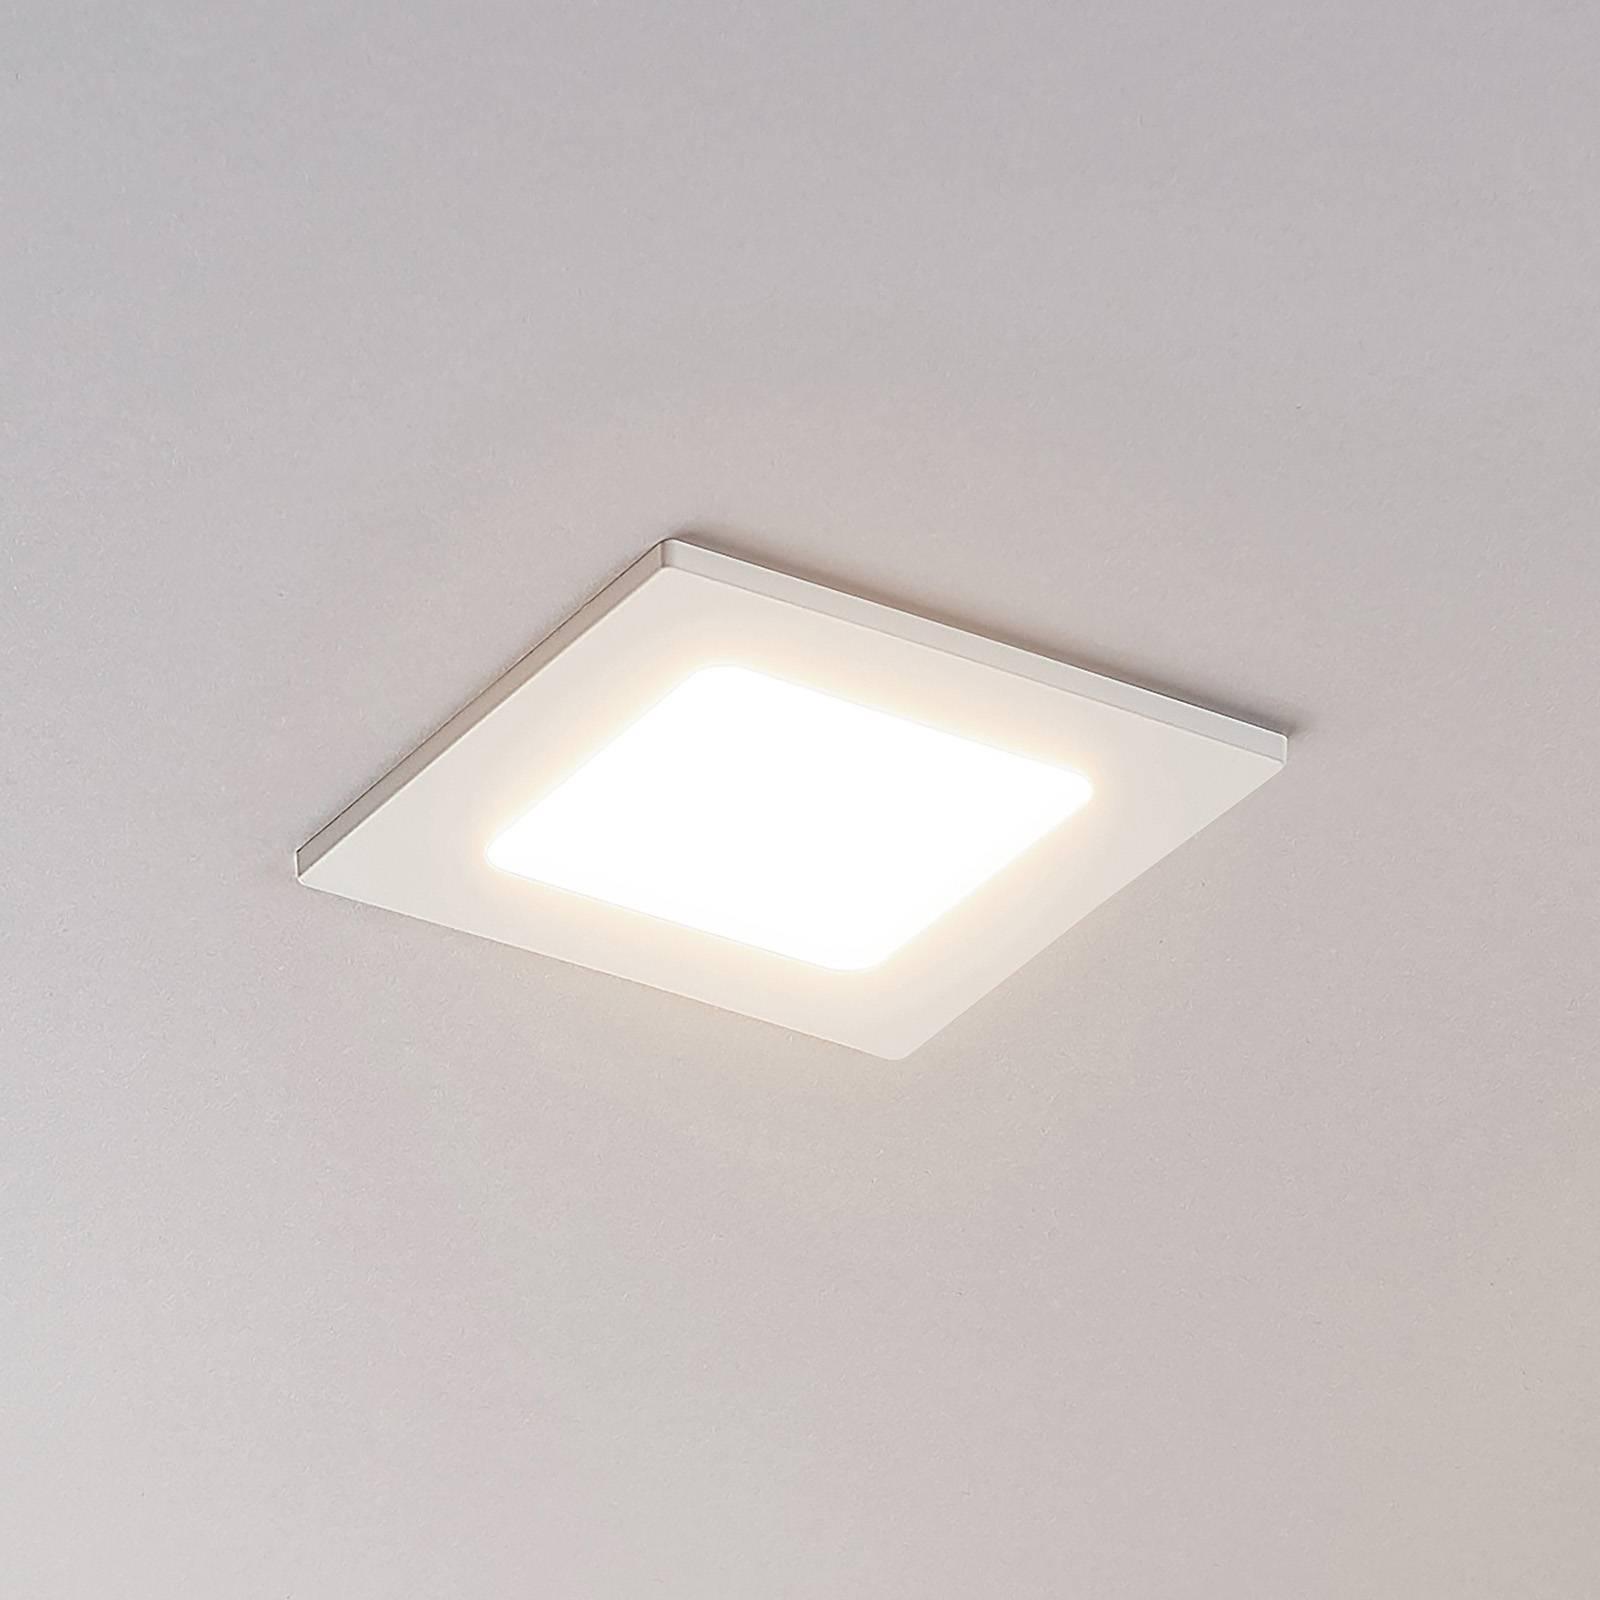 LED-kohdevalo Joki valkoinen 3000K kulmikas 11,5cm